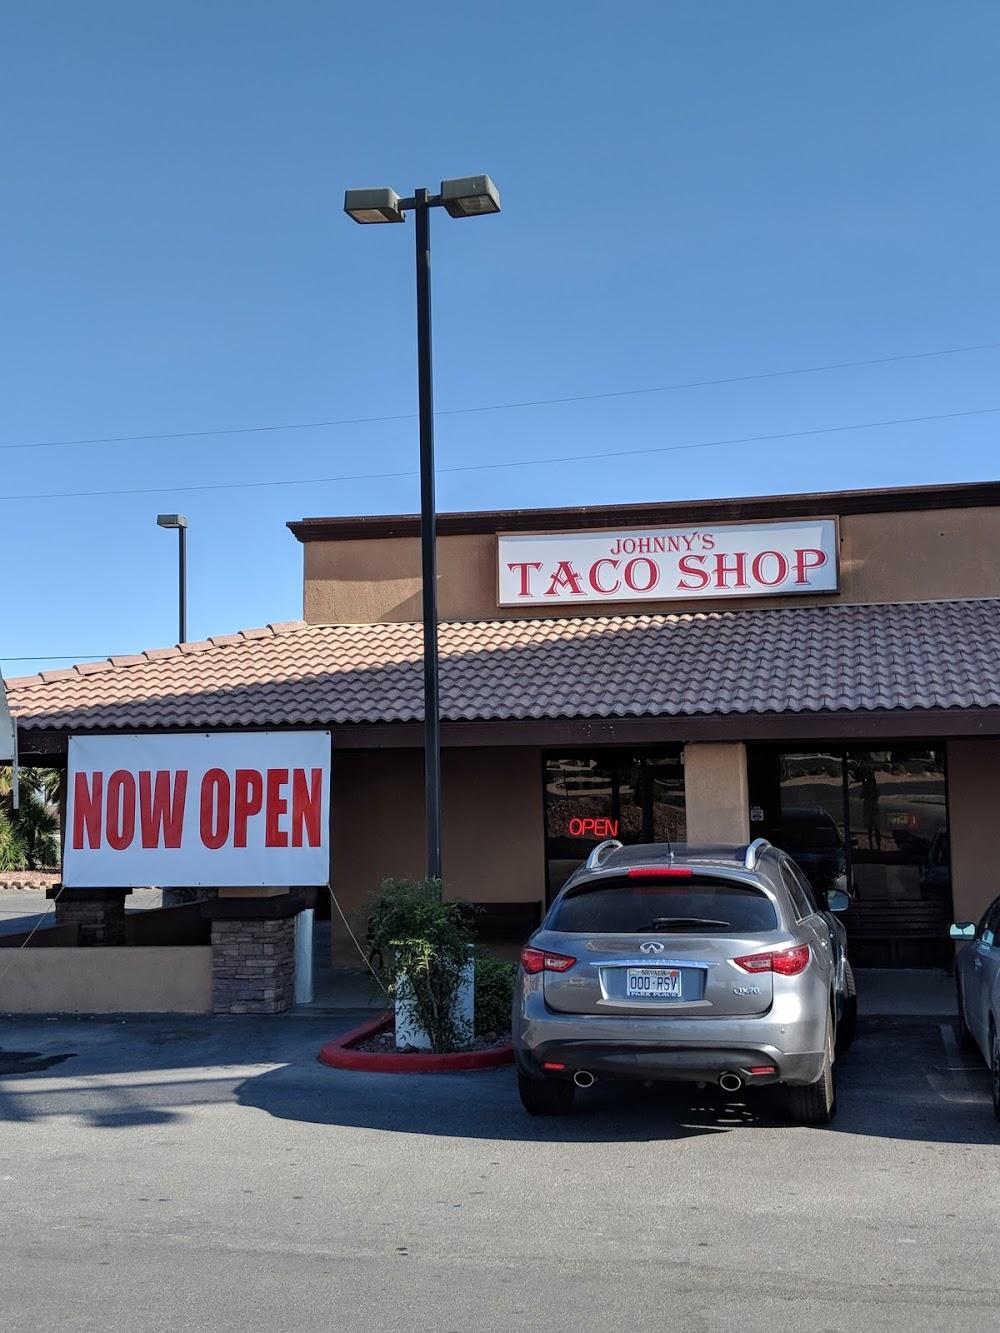 Johnny's Taco Shop